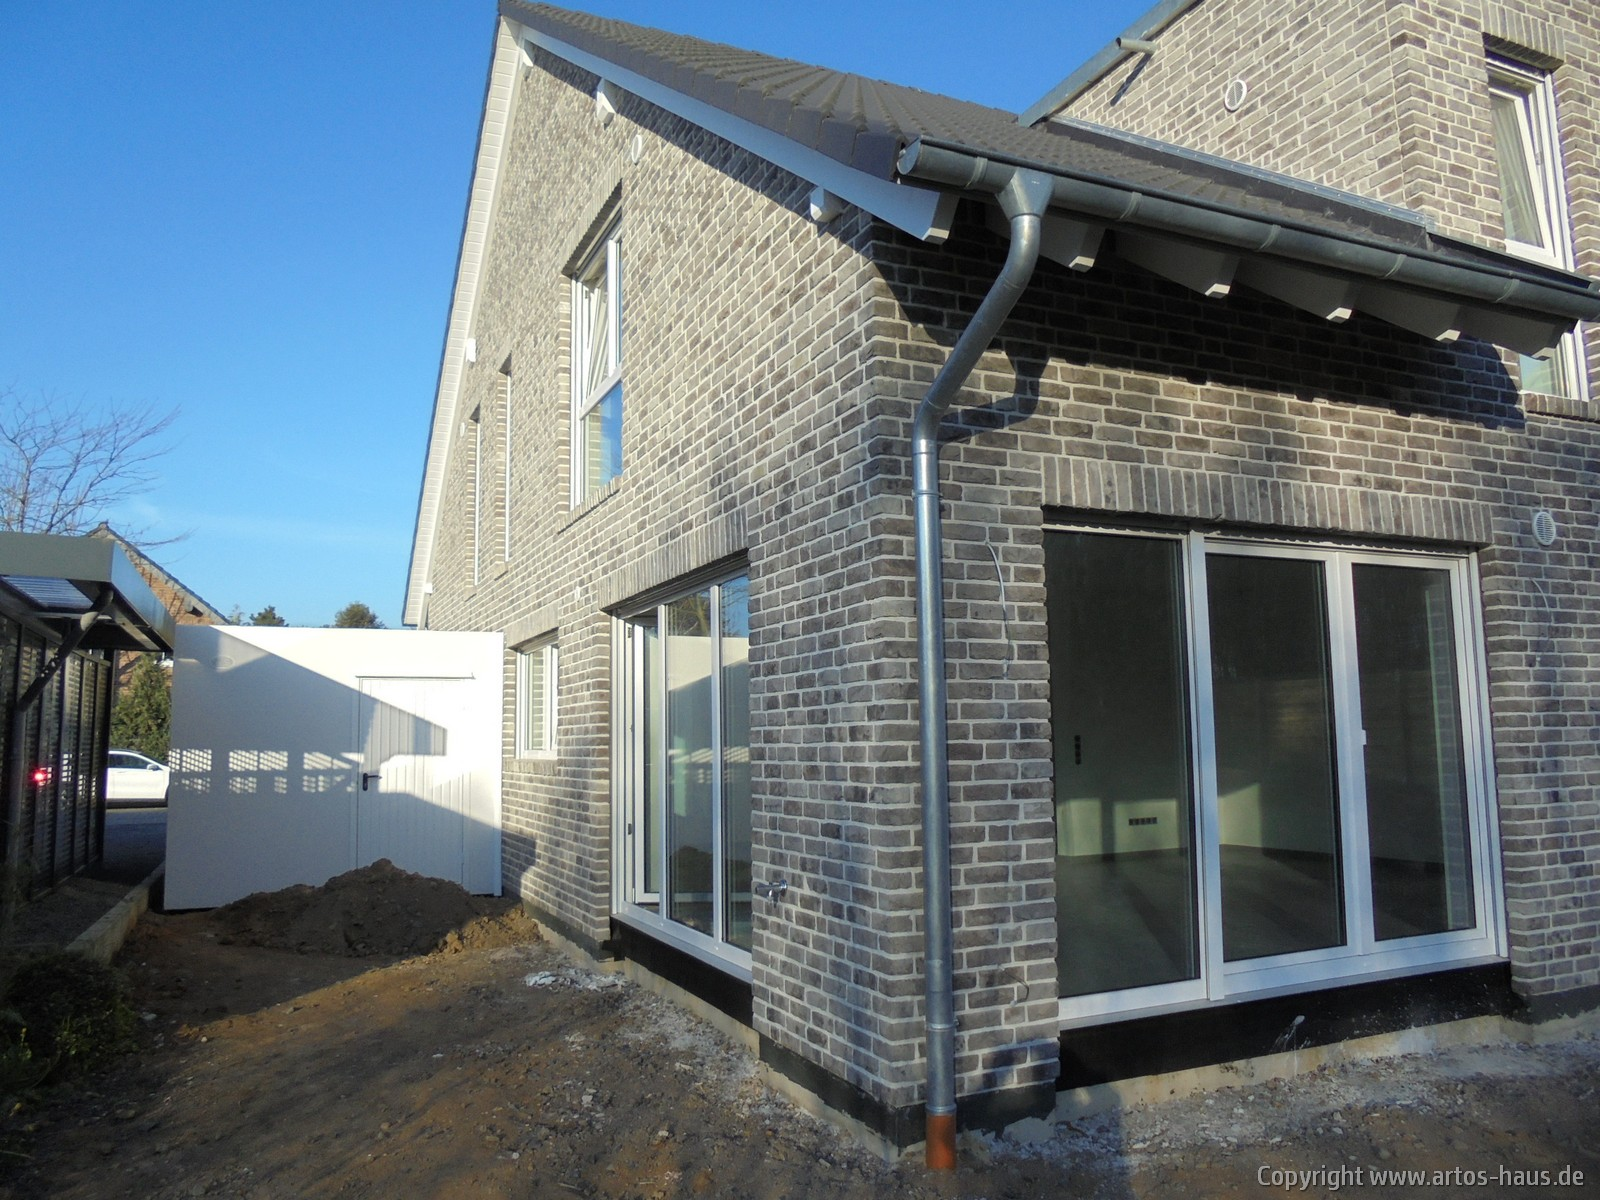 Artos-Haus, Lieferung und Montage 2 Garagen, Bild 2